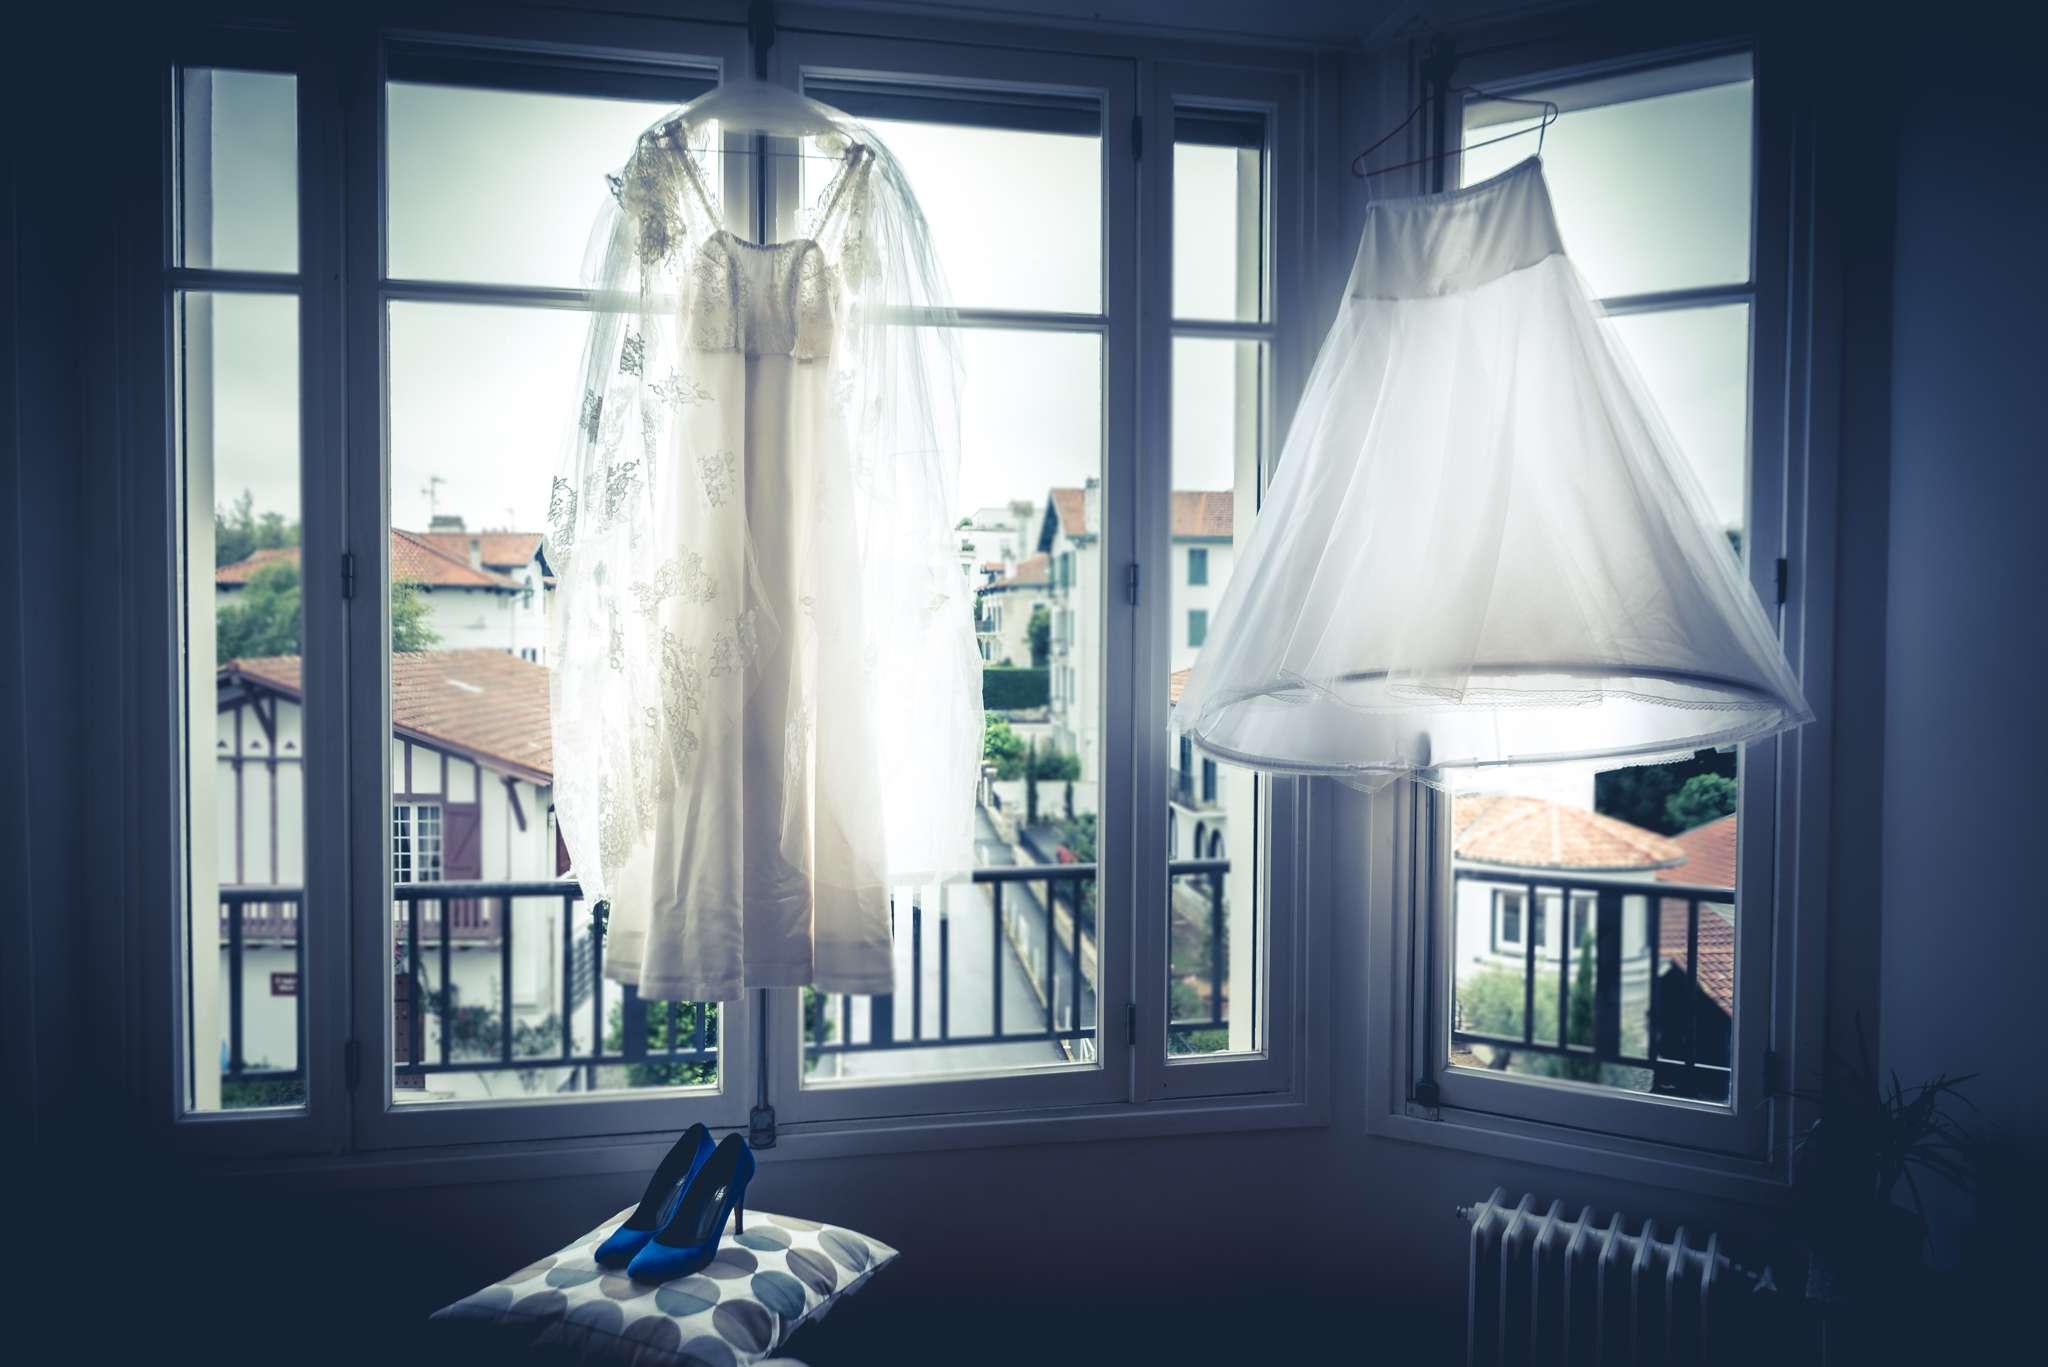 La robe suspendue à la fenêtre